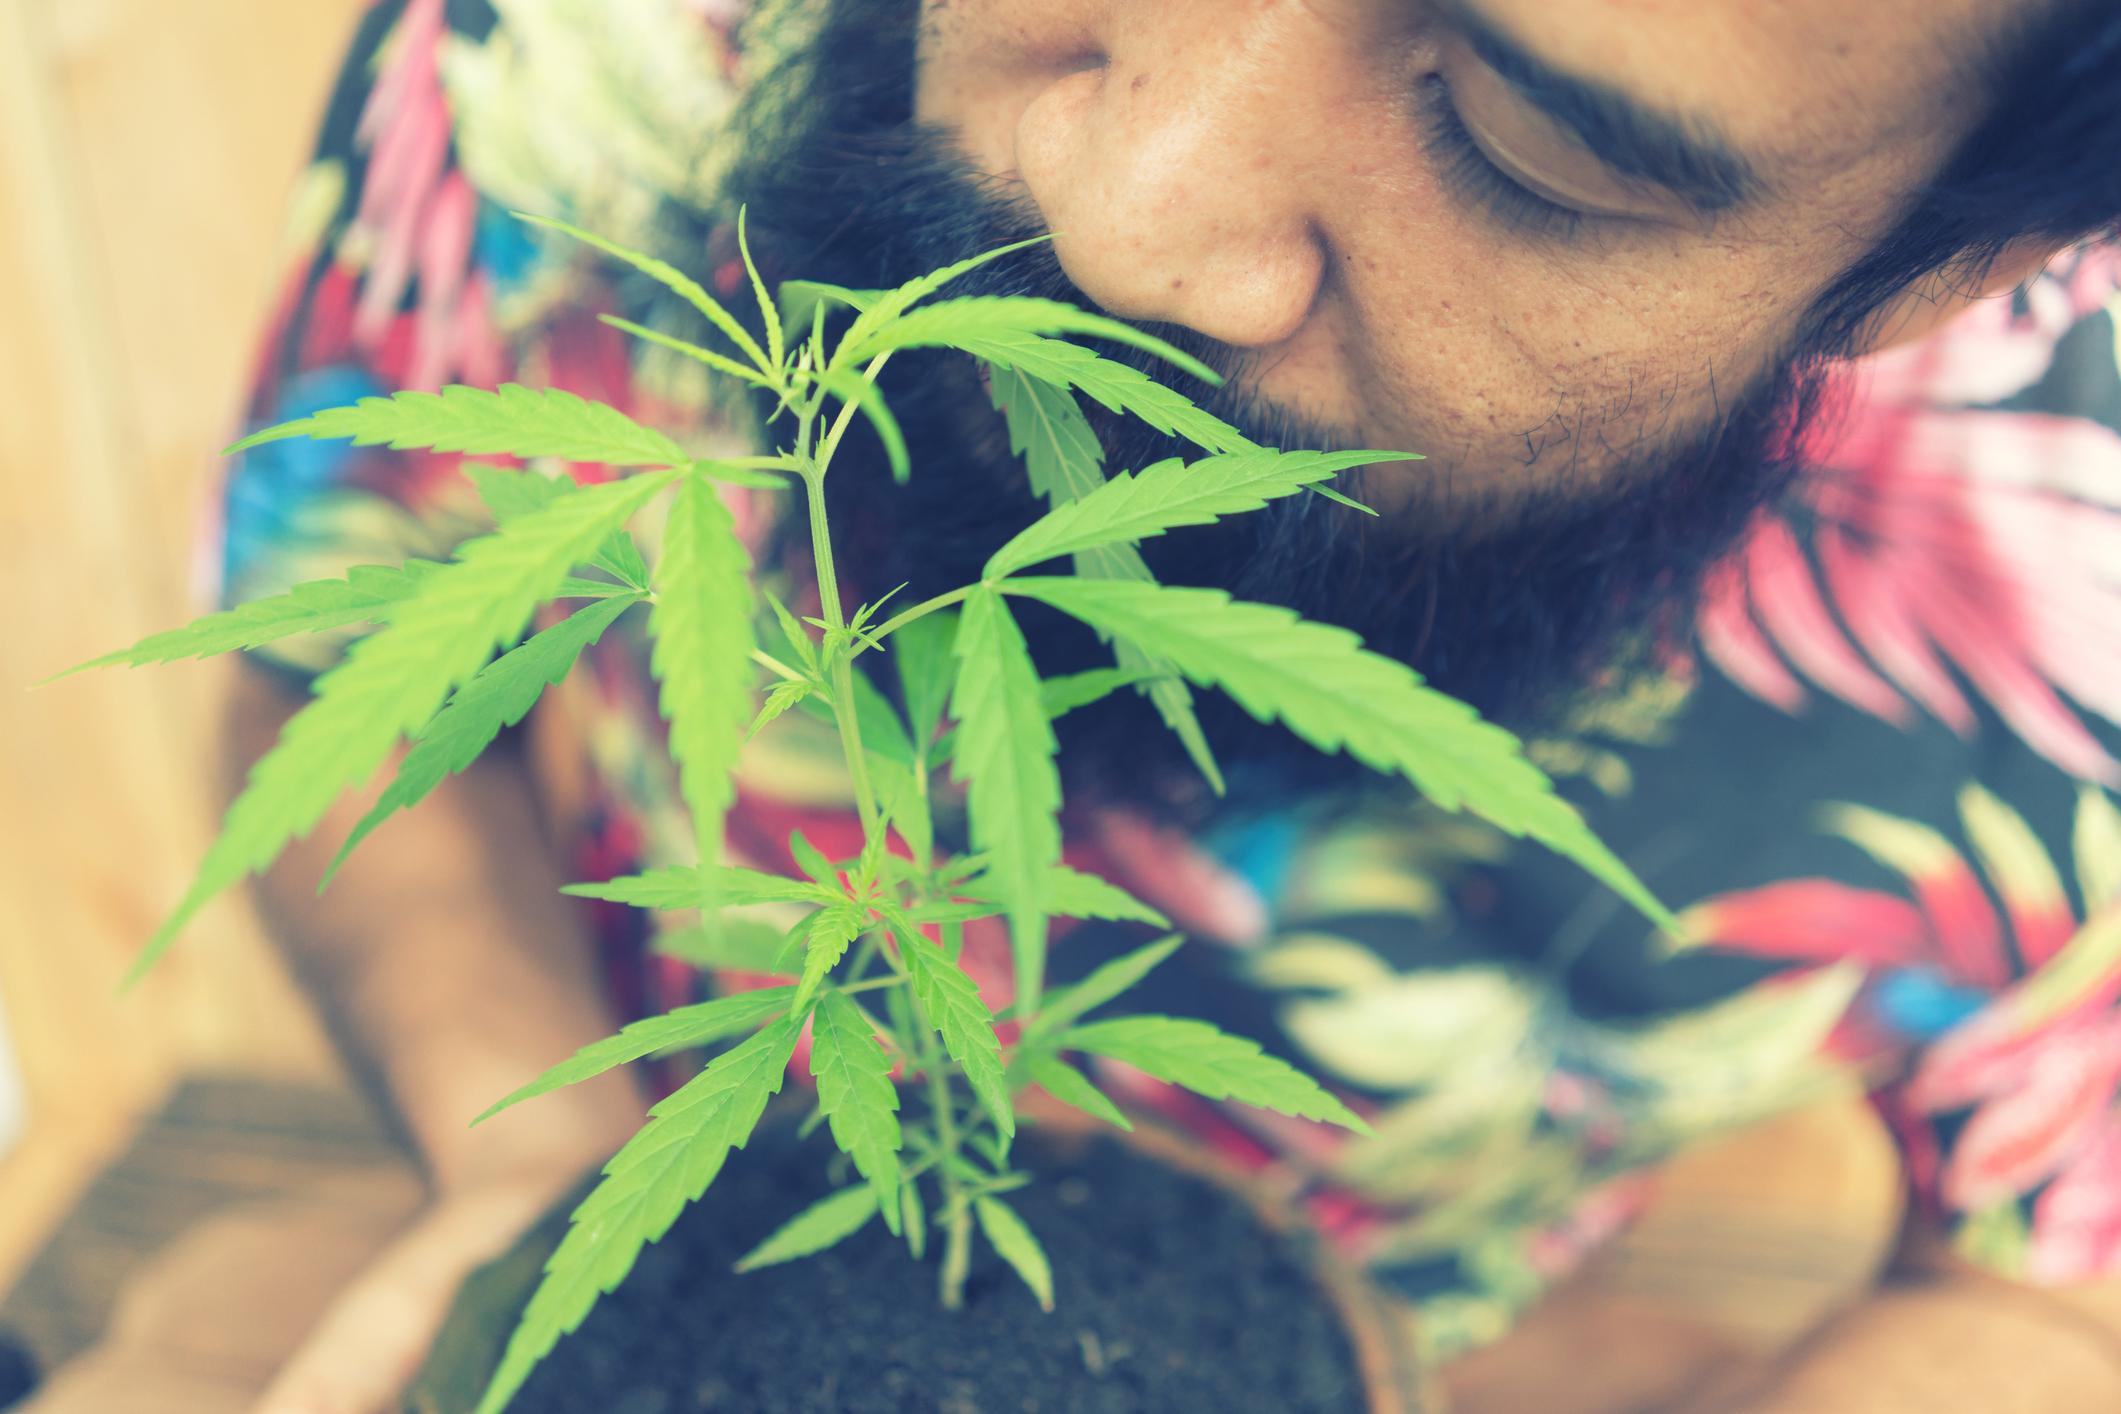 A cannabis user holding a homegrown pot plant.